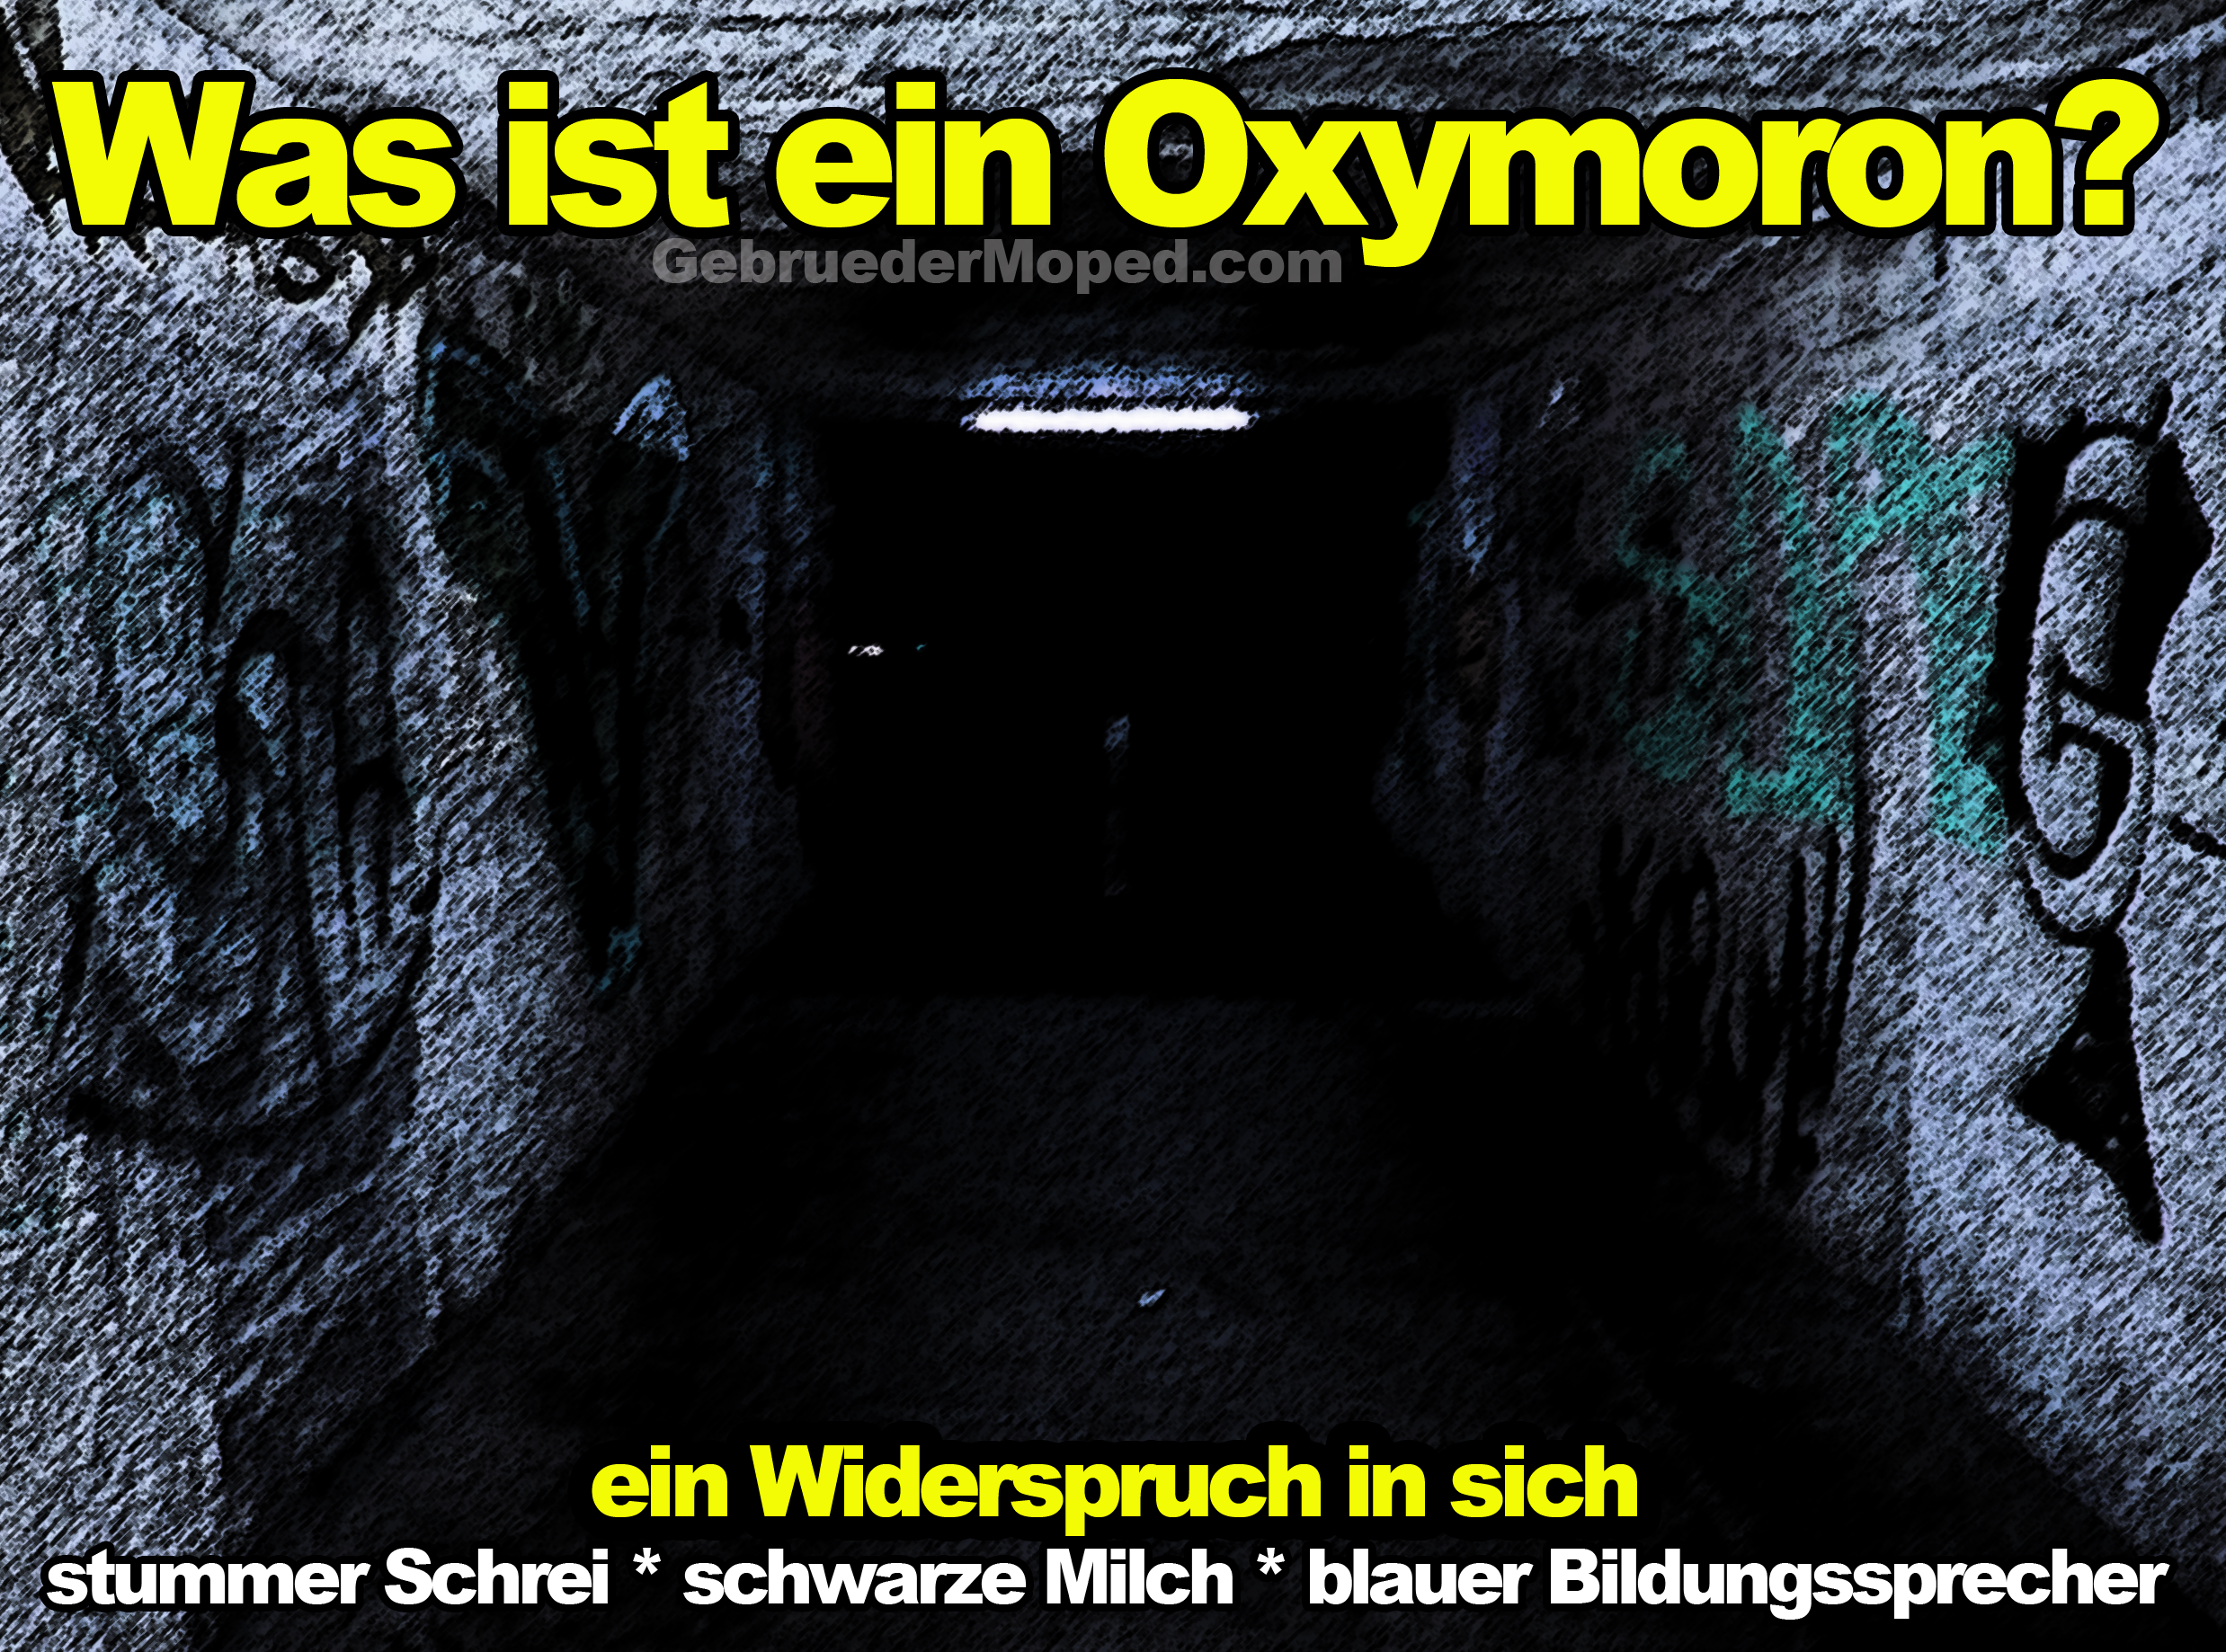 Was ist ein Oxymoron?